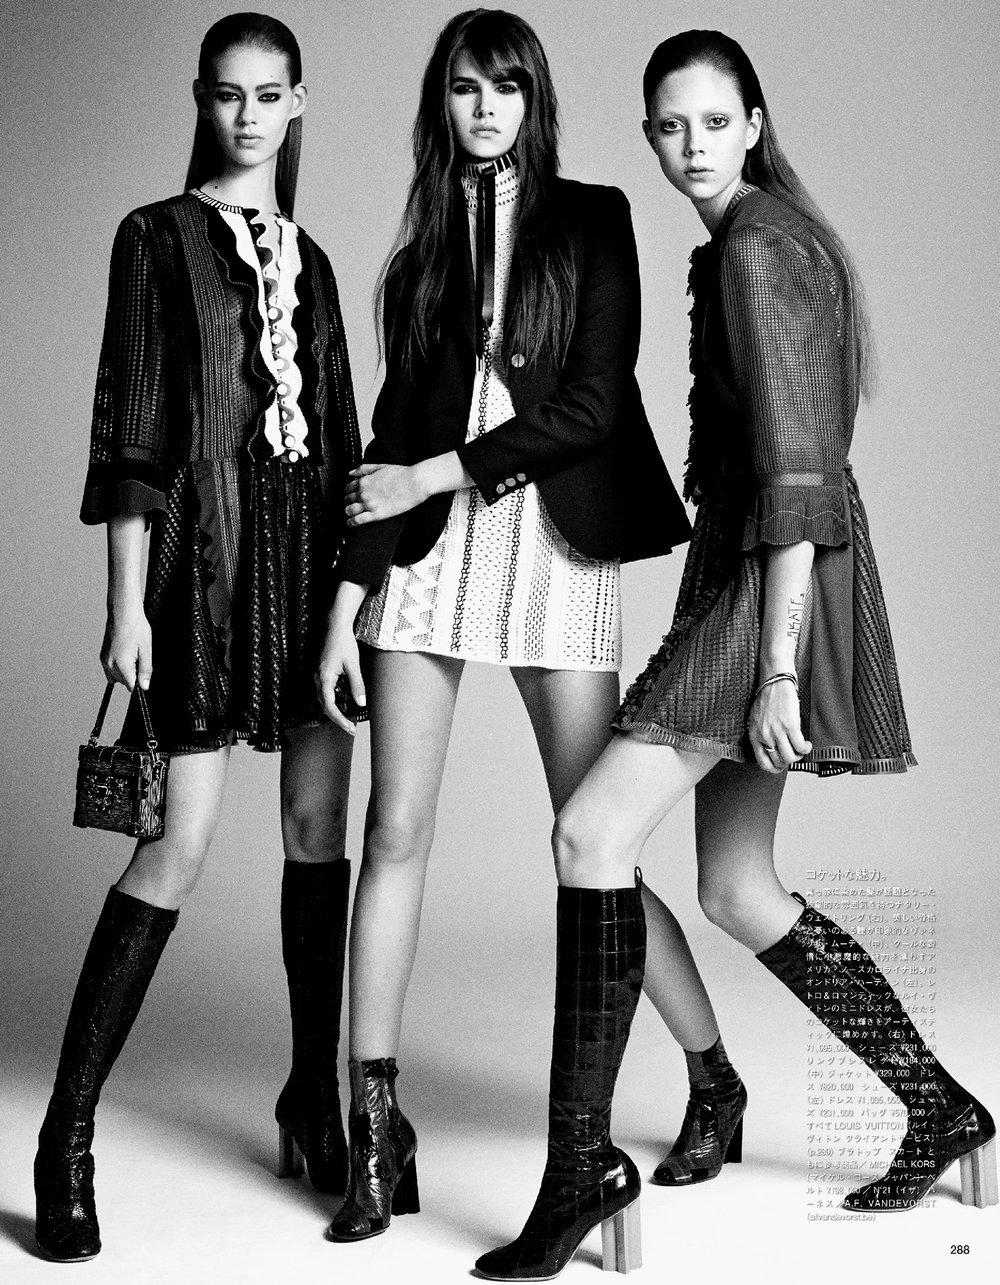 Giovanna-Battaglia-Vogue-Japan-March-2015-Digital-Generation-7.jpg